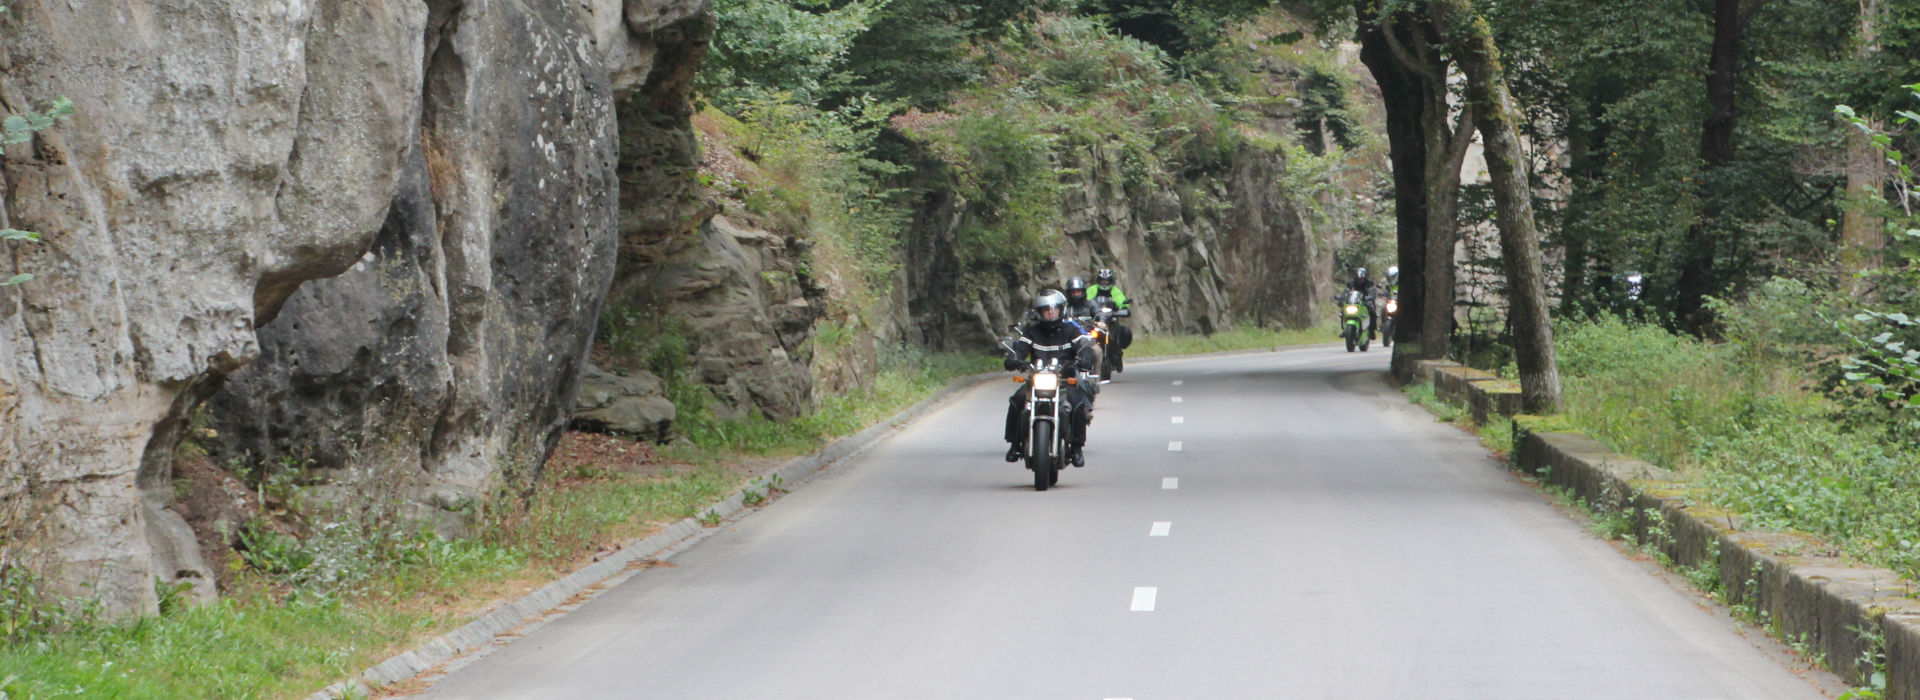 Motorrijbewijspoint Wernhout motorrijlessen